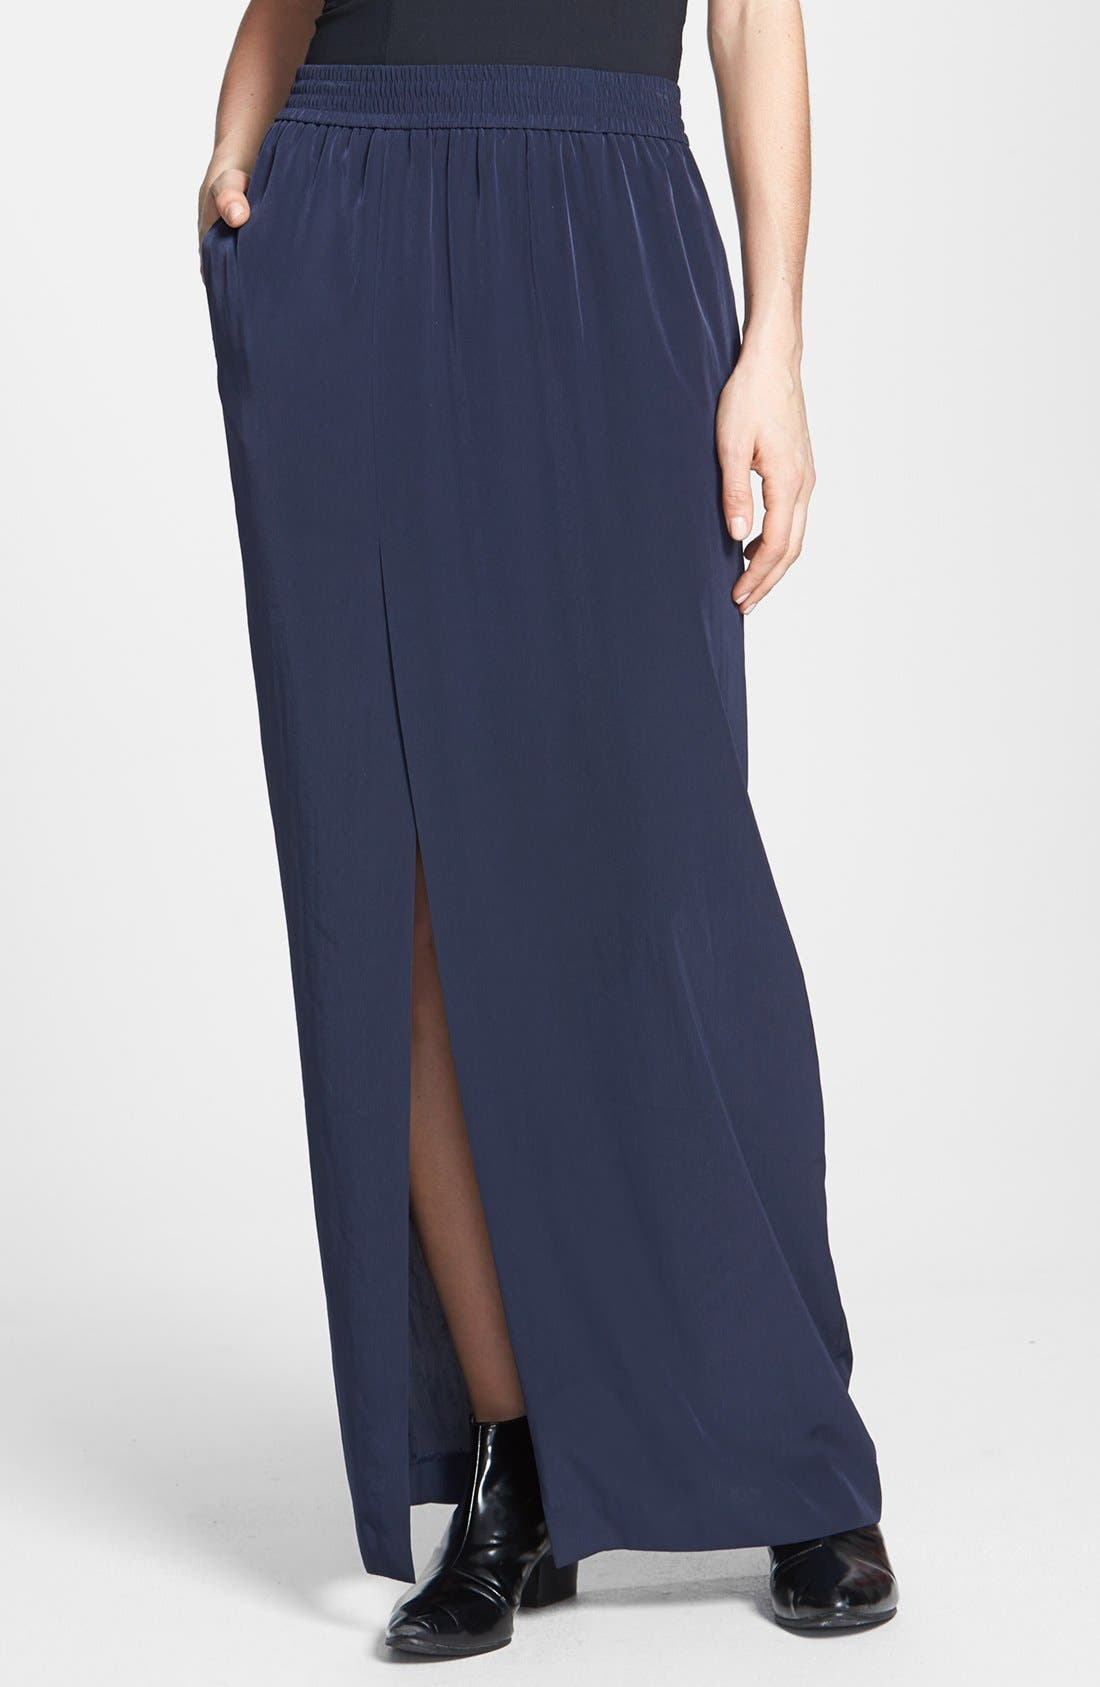 Alternate Image 1 Selected - Tildon Side Slit Maxi Skirt